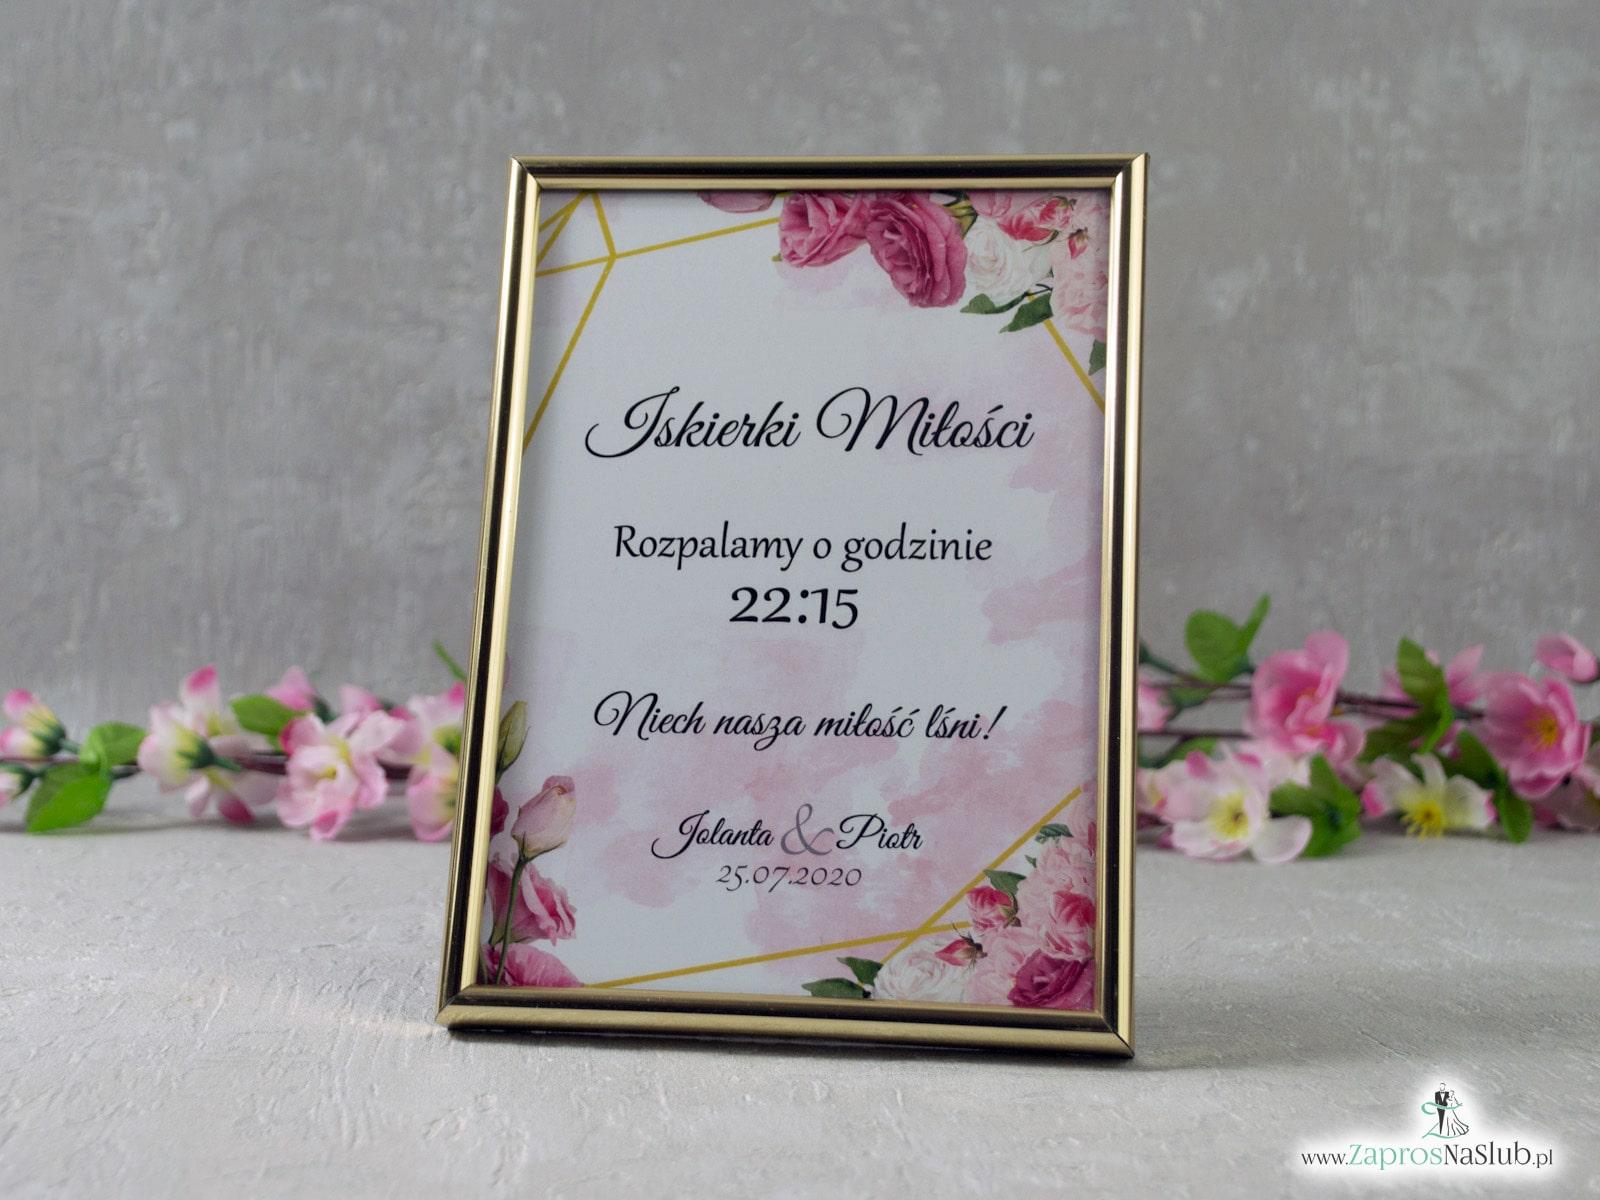 Iskierki miłości – informacja w ramce z różowymi kwiatami i złotymi liniami IMIR-131  - Zaproszenia ślubne ZaprosNaSlub